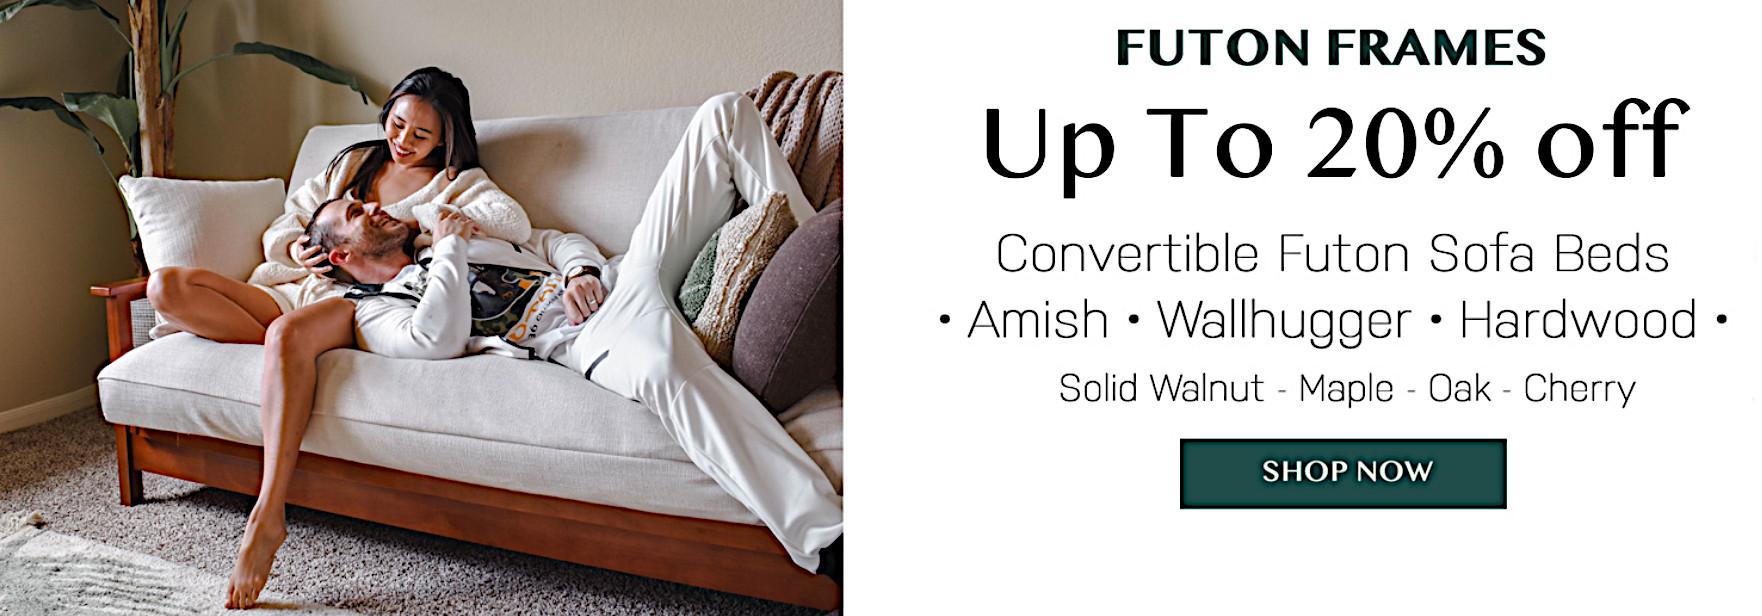 Stylish convertible futon sofa beds, amish, wallhugger, hardwood